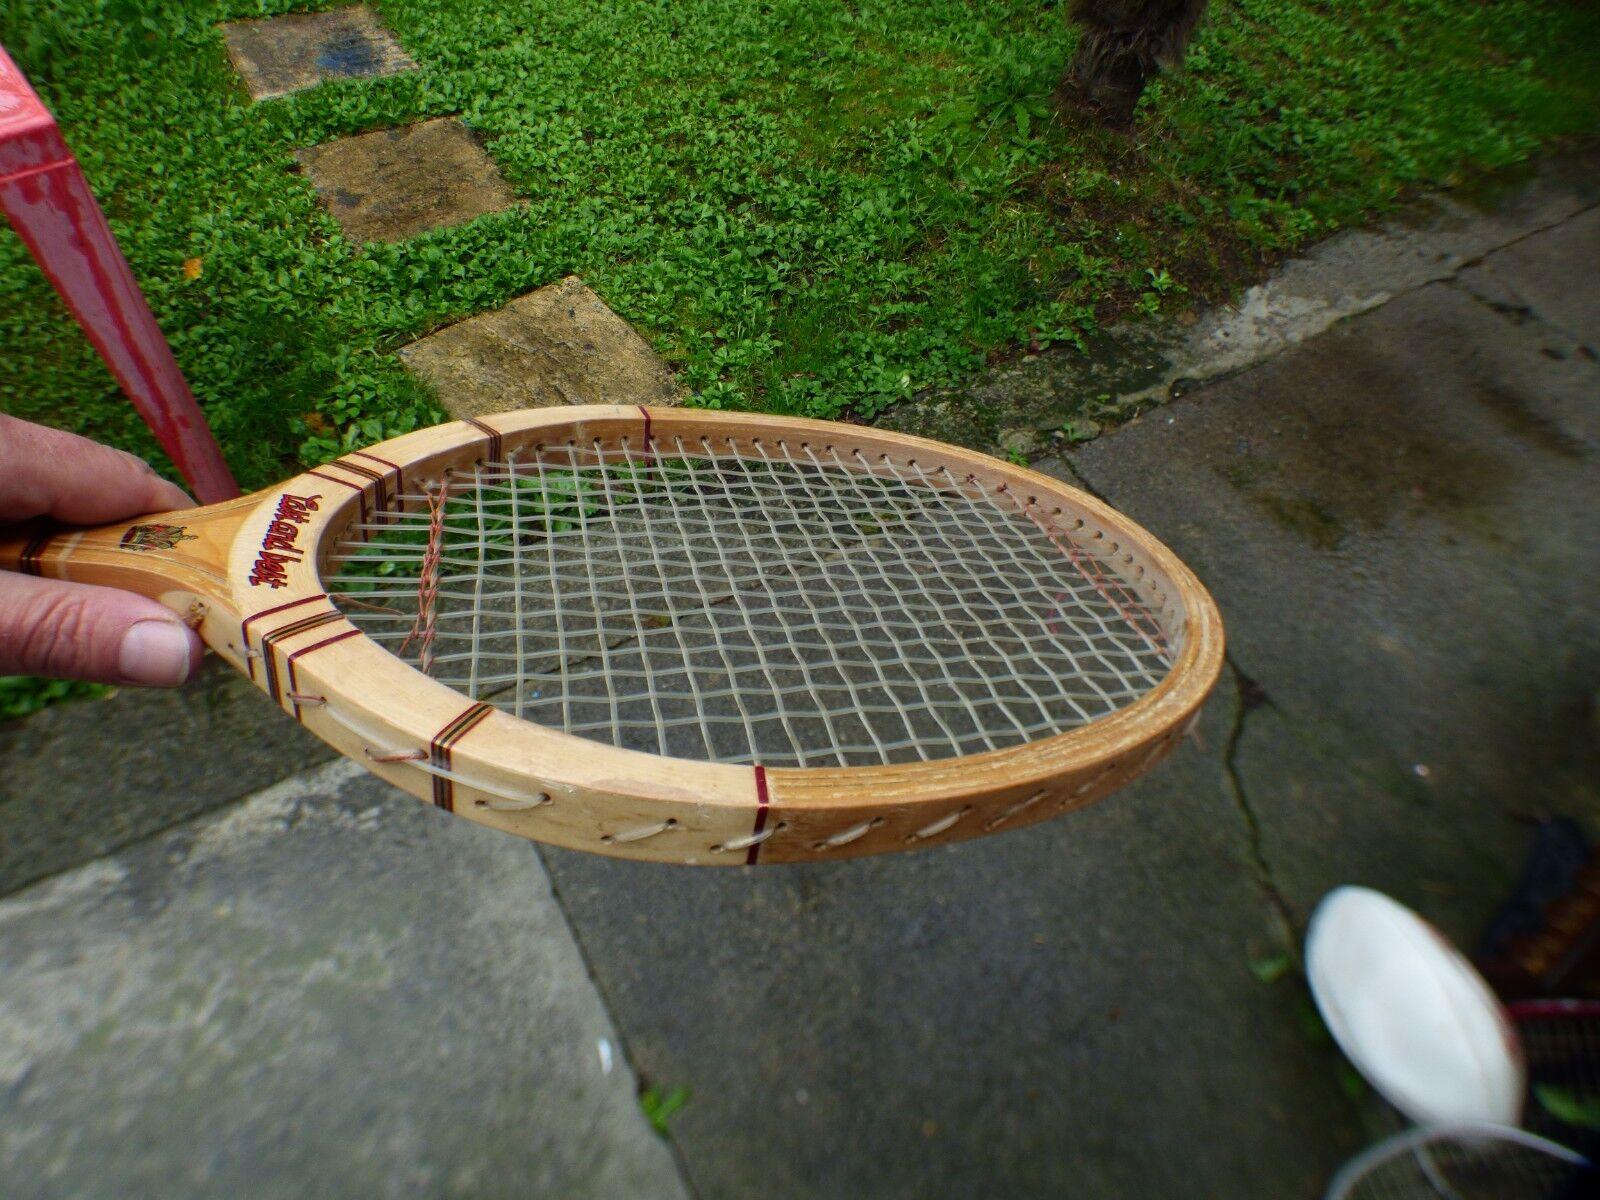 raquette de tennis fils vintage J Siane et fils tennis Last and best   bois wooden 61bcba